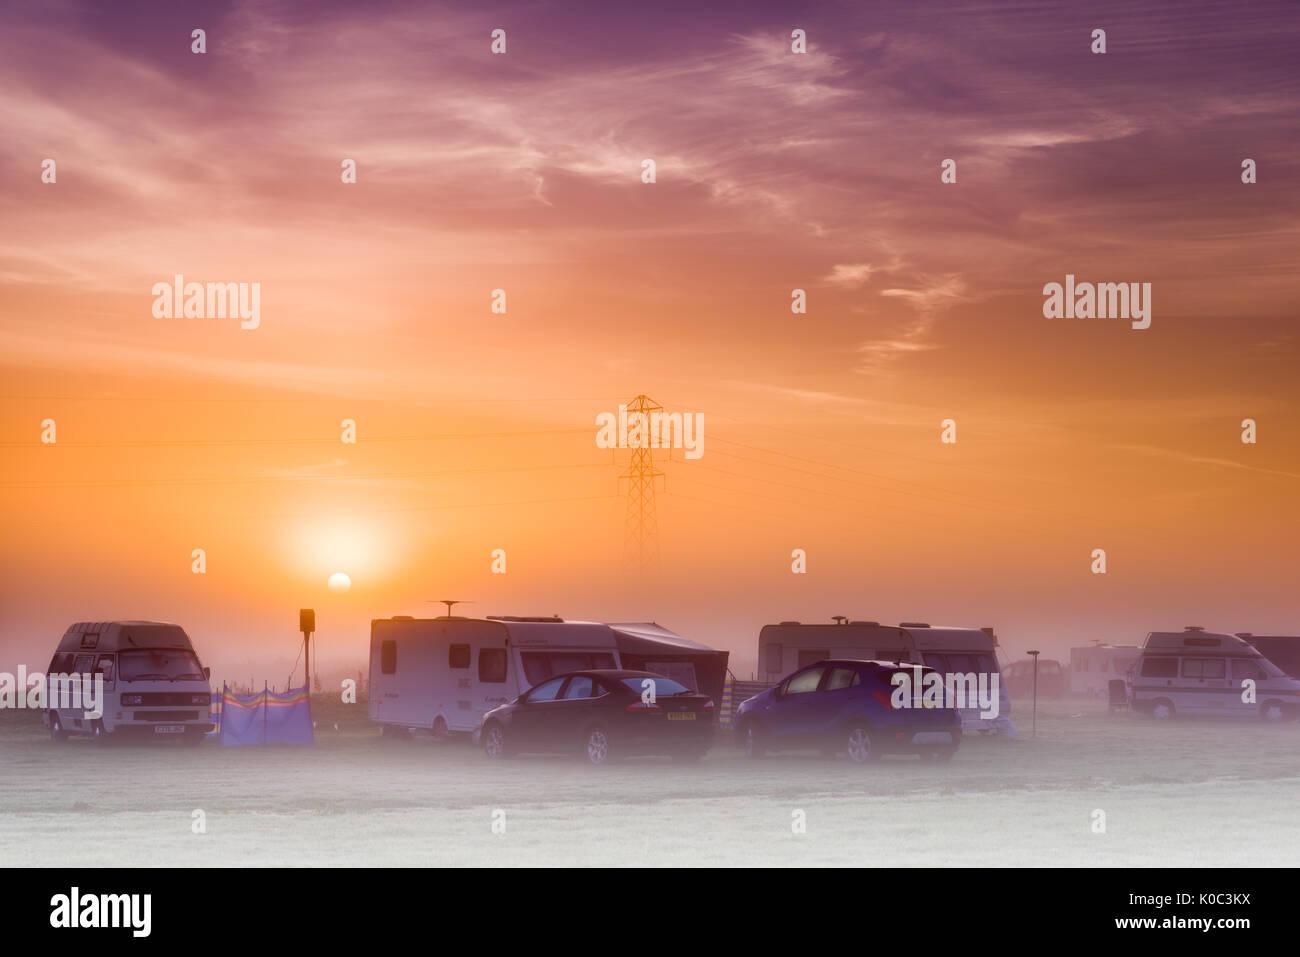 El sol se eleva sobre un misty camping en el Reino Unido al amanecer en una mañana de agosto. Imagen De Stock